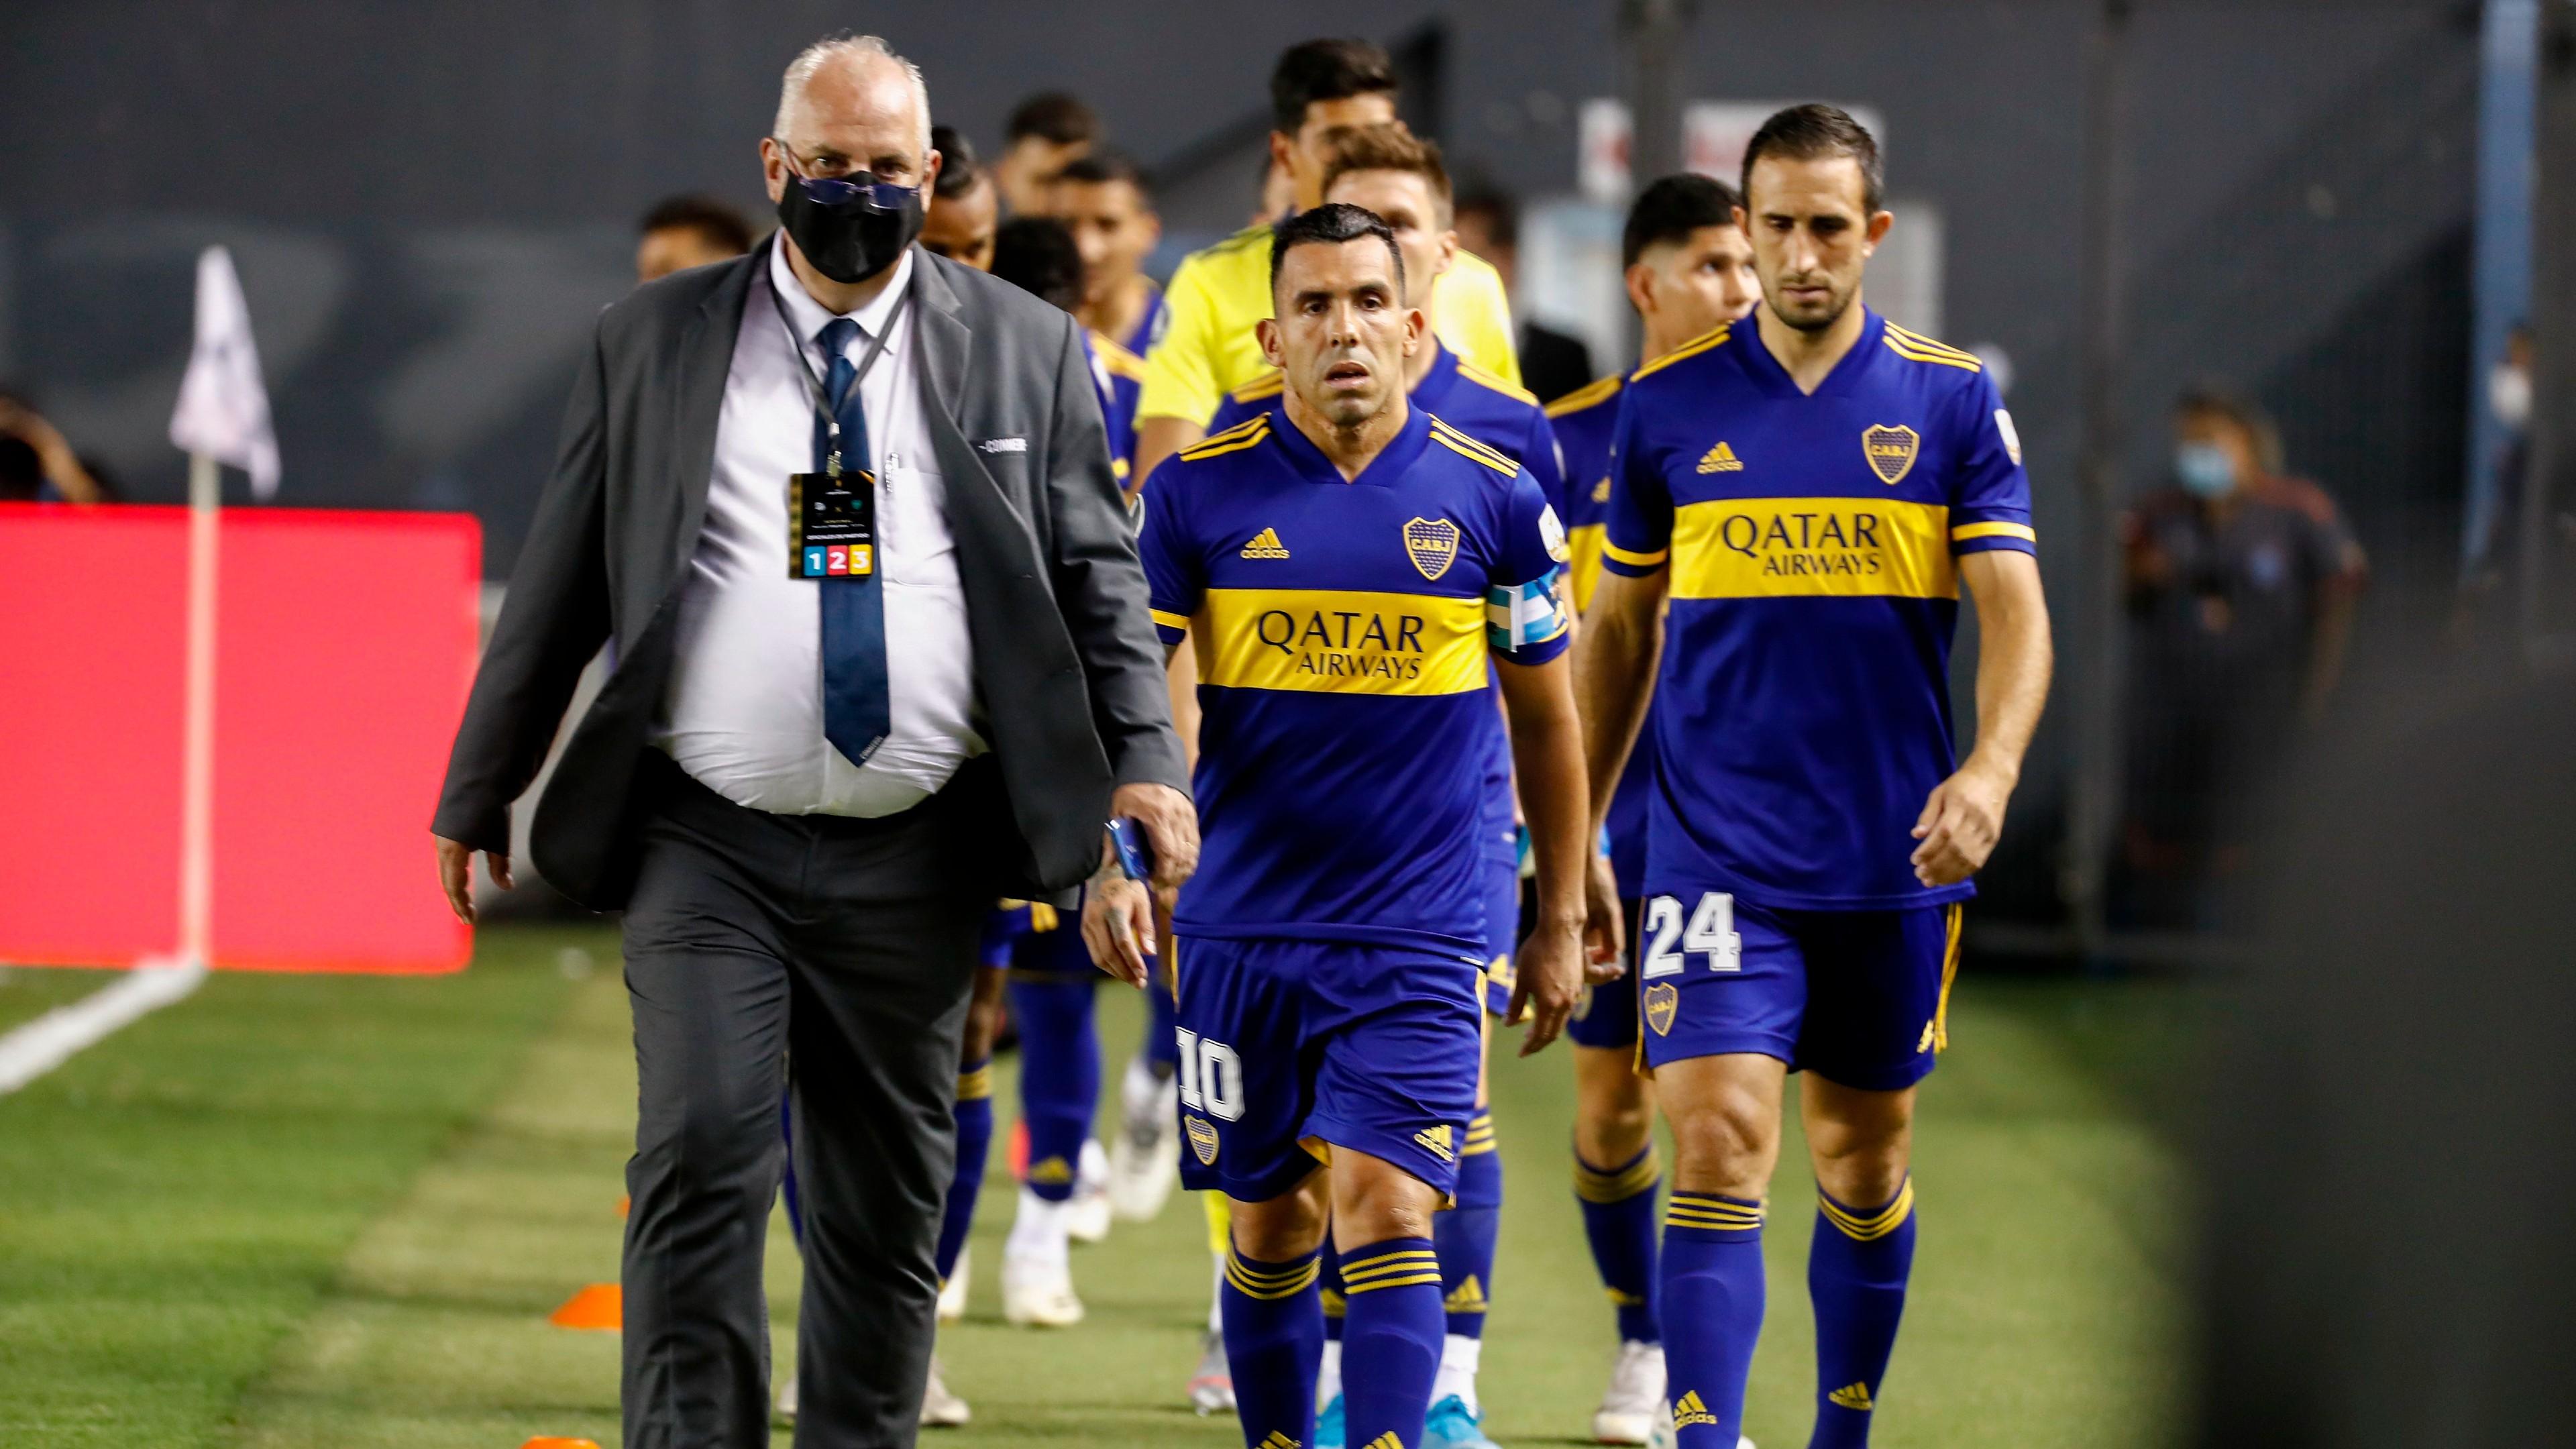 Resultado de imagen de jugadores de boca frente al consejo de su propio club